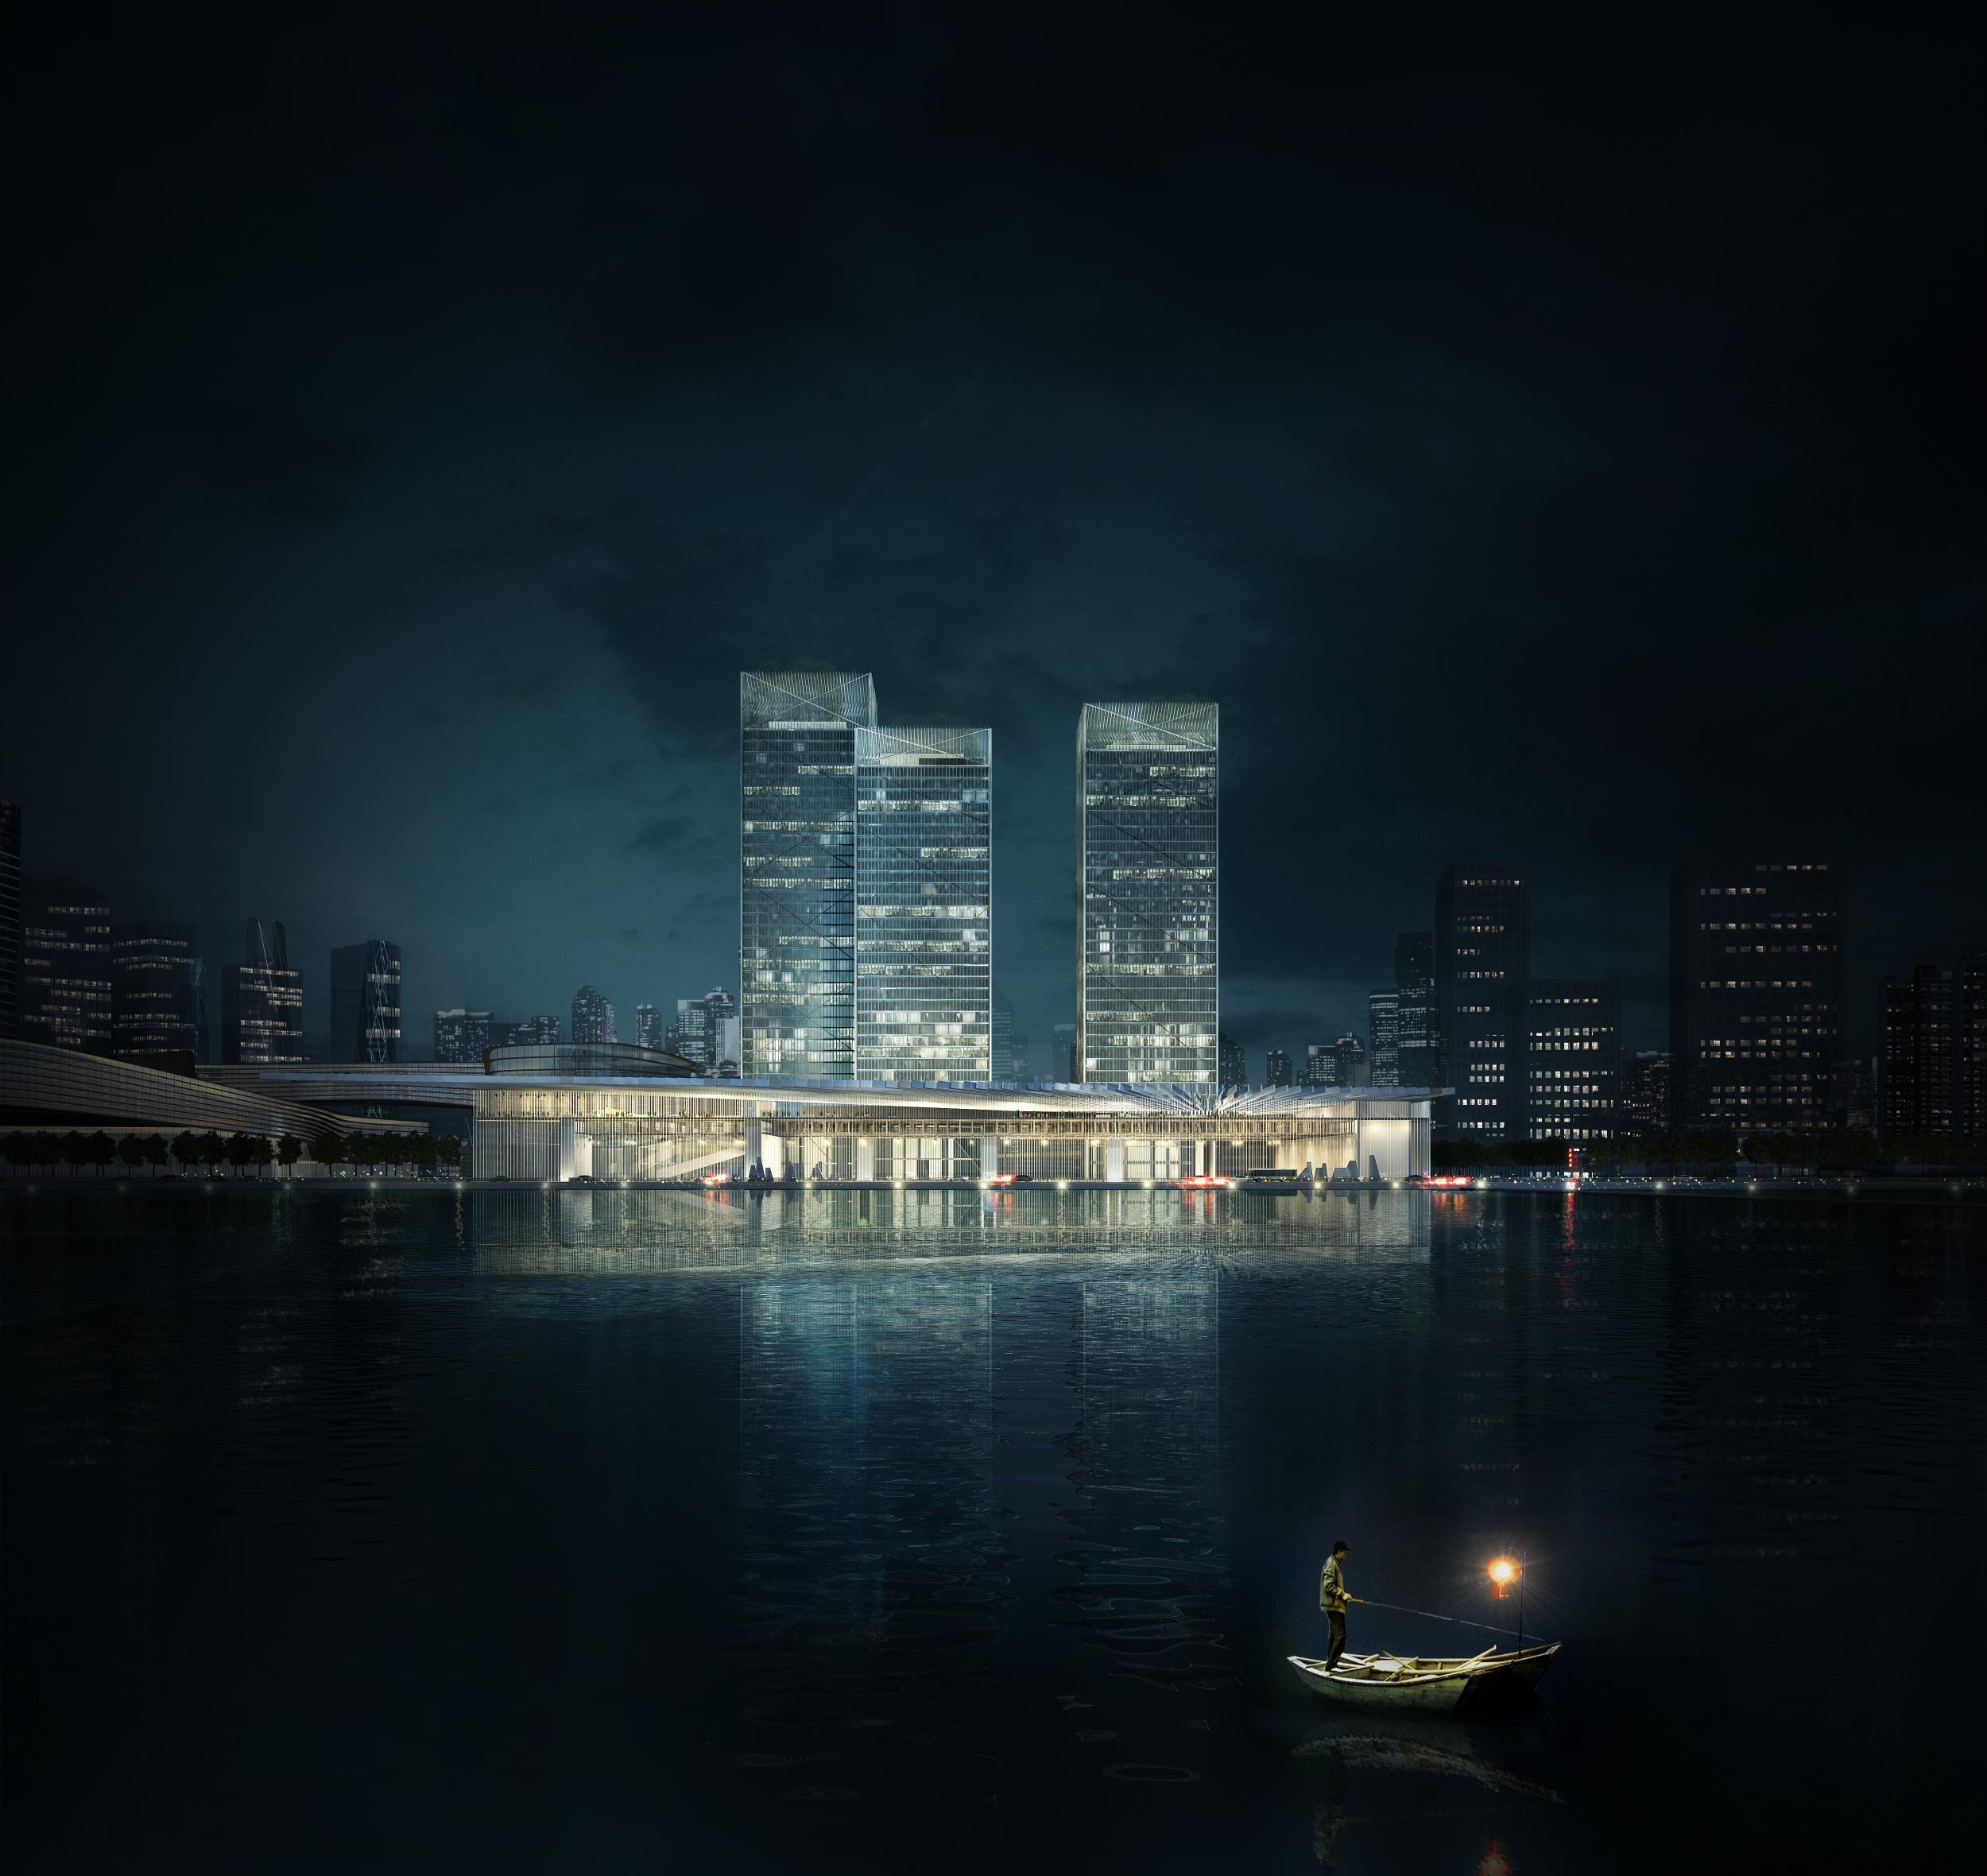 Zhuahai Convention & Exhibition Centre